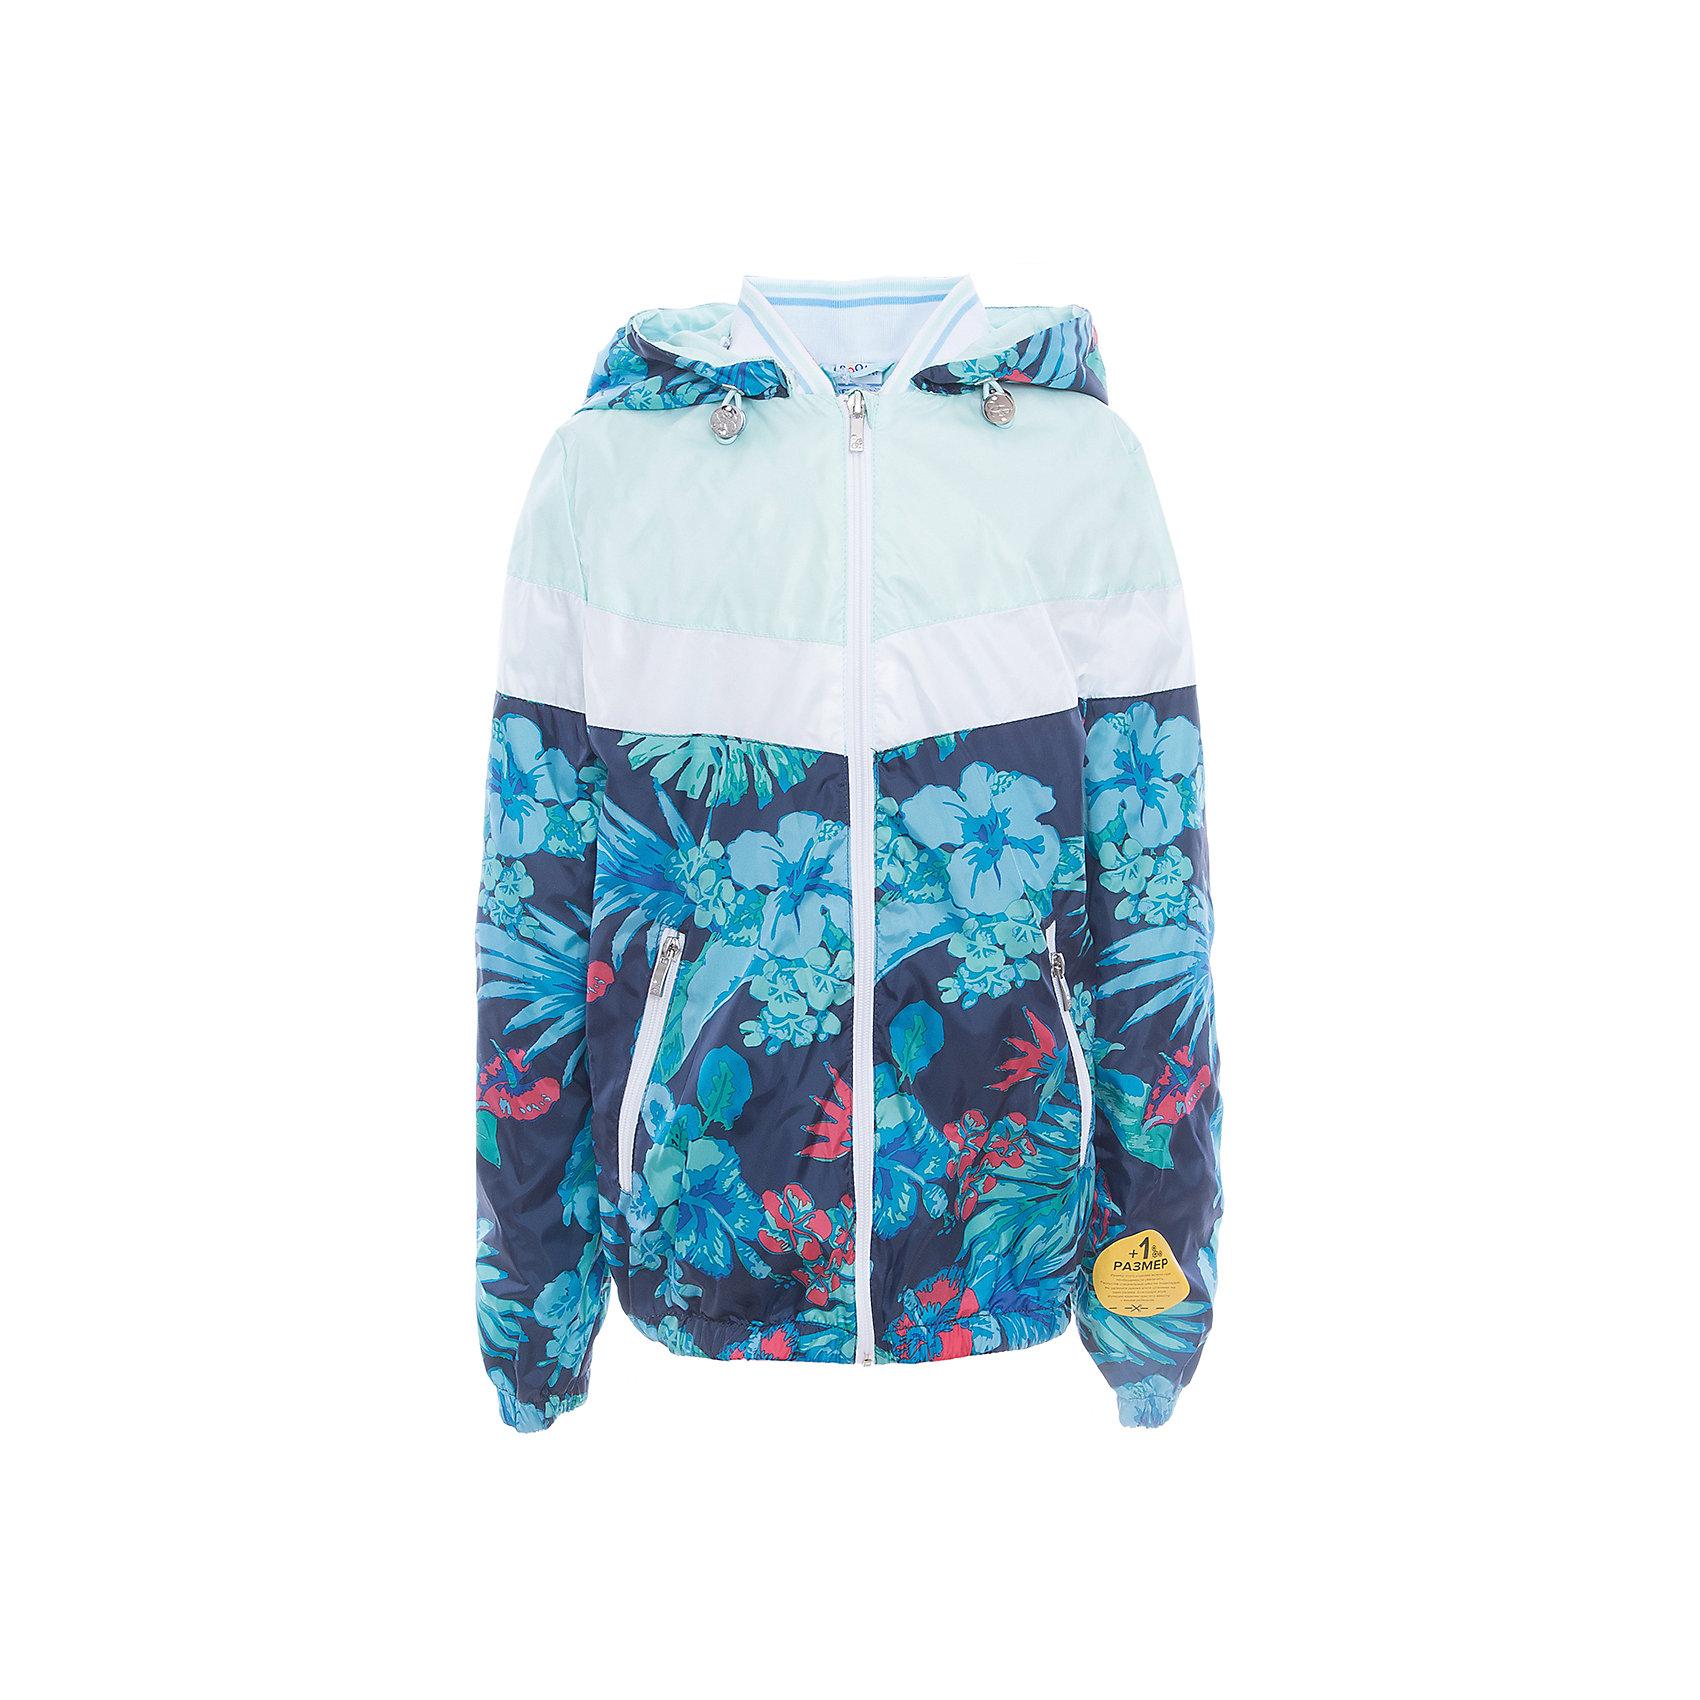 Куртка для девочки BOOM by OrbyВерхняя одежда<br>Характеристики товара:<br><br>• цвет: голубой принт<br>• состав: верх - таффета, подкладка - поликоттон, полиэстер, без утеплителя<br>• температурный режим: от 0 до +15°С<br>• карманы<br>• застежка - молния<br>• капюшон с утяжкой<br>• украшена принтом<br>• эластичные манжеты<br>• комфортная посадка<br>• страна производства: Российская Федерация<br>• страна бренда: Российская Федерация<br>• коллекция: весна-лето 2017<br><br>Легкая куртка - универсальный вариант и для прохладного летнего вечера, и для теплого межсезонья. Эта модель - модная и удобная одновременно! Изделие отличается стильным ярким дизайном. Куртка хорошо сидит по фигуре, отлично сочетается с различным низом. Вещь была разработана специально для детей.<br><br>Куртку для девочки от бренда BOOM by Orby можно купить в нашем интернет-магазине.<br><br>Ширина мм: 356<br>Глубина мм: 10<br>Высота мм: 245<br>Вес г: 519<br>Цвет: синий<br>Возраст от месяцев: 144<br>Возраст до месяцев: 156<br>Пол: Женский<br>Возраст: Детский<br>Размер: 158,110,116,122,128,134,140,146,152<br>SKU: 5343077